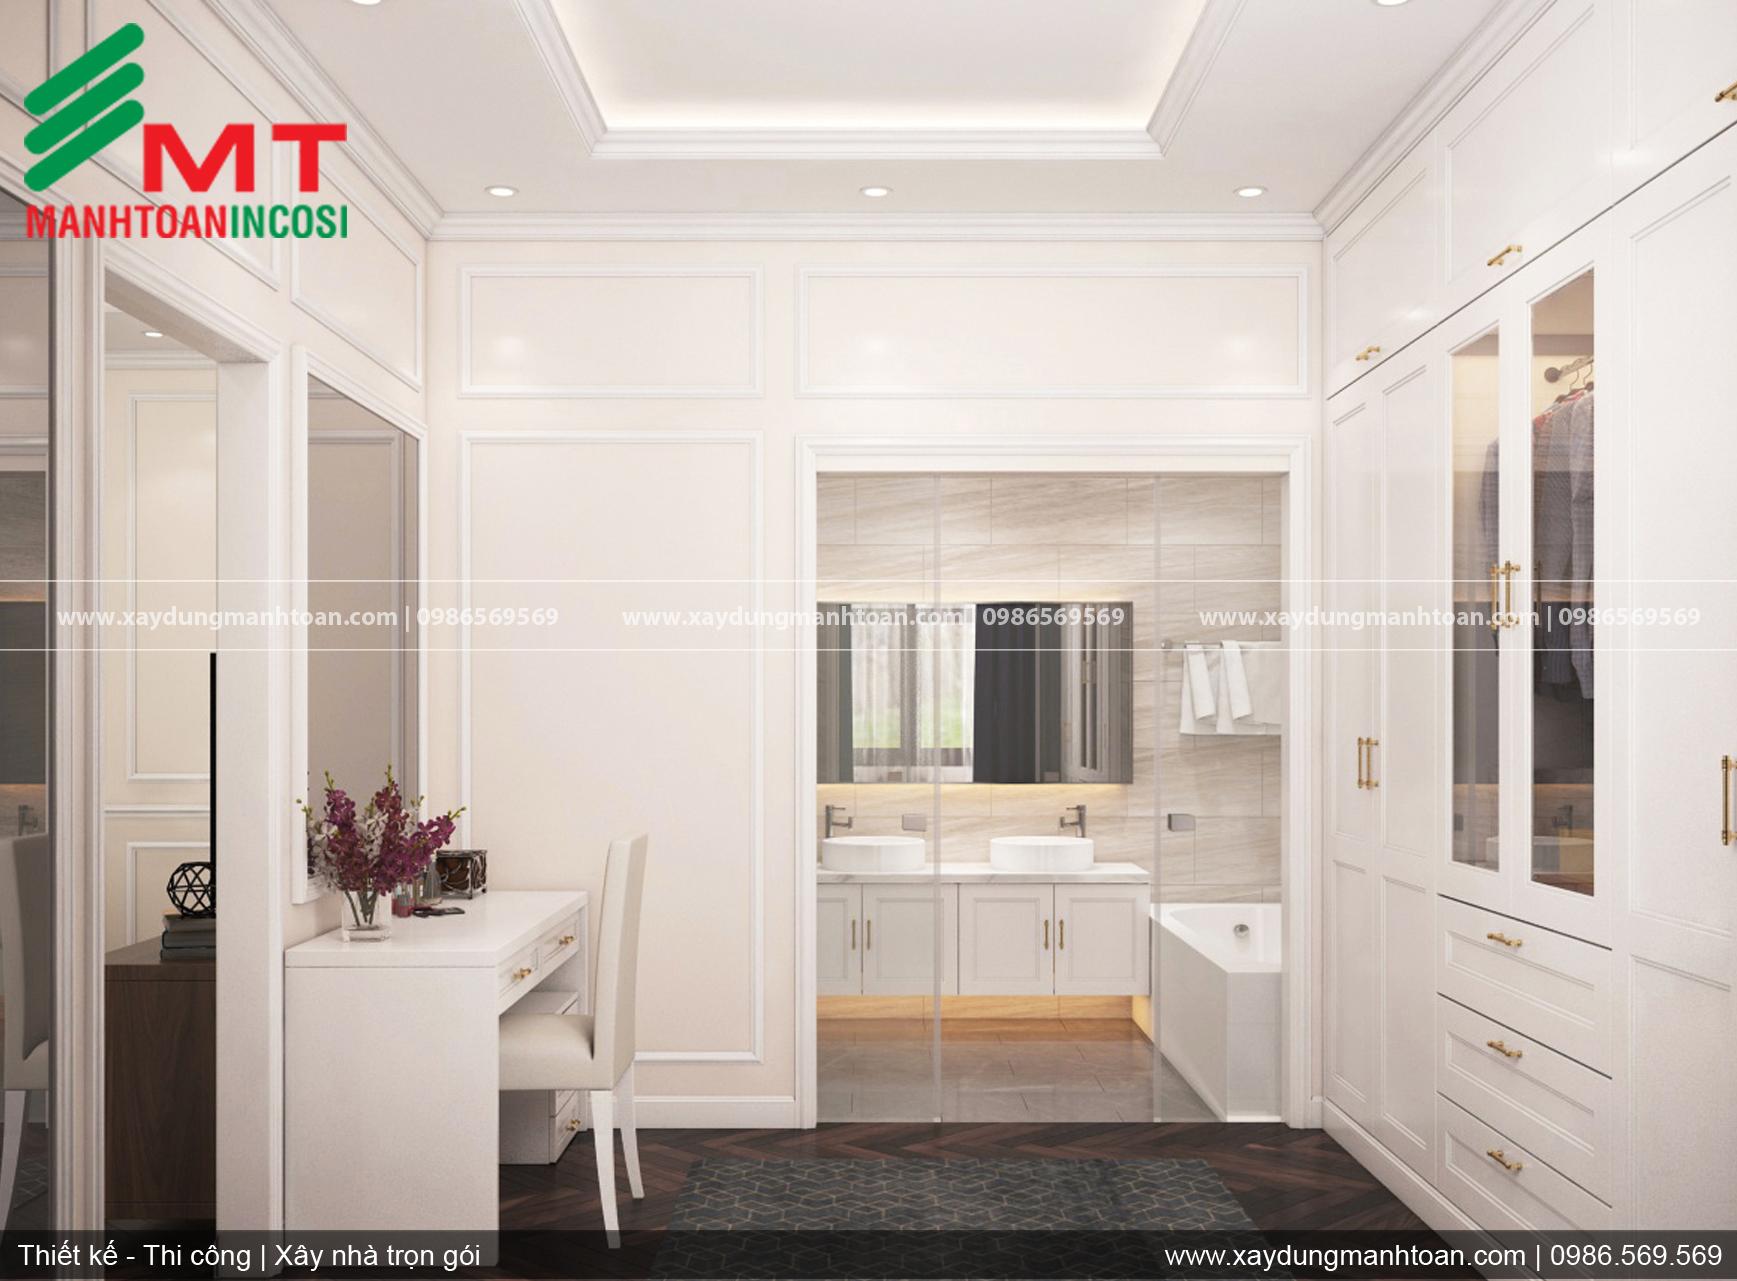 Nội thất nhà đẹp, thiết kế nội thất đẹp tại Hải Phòng